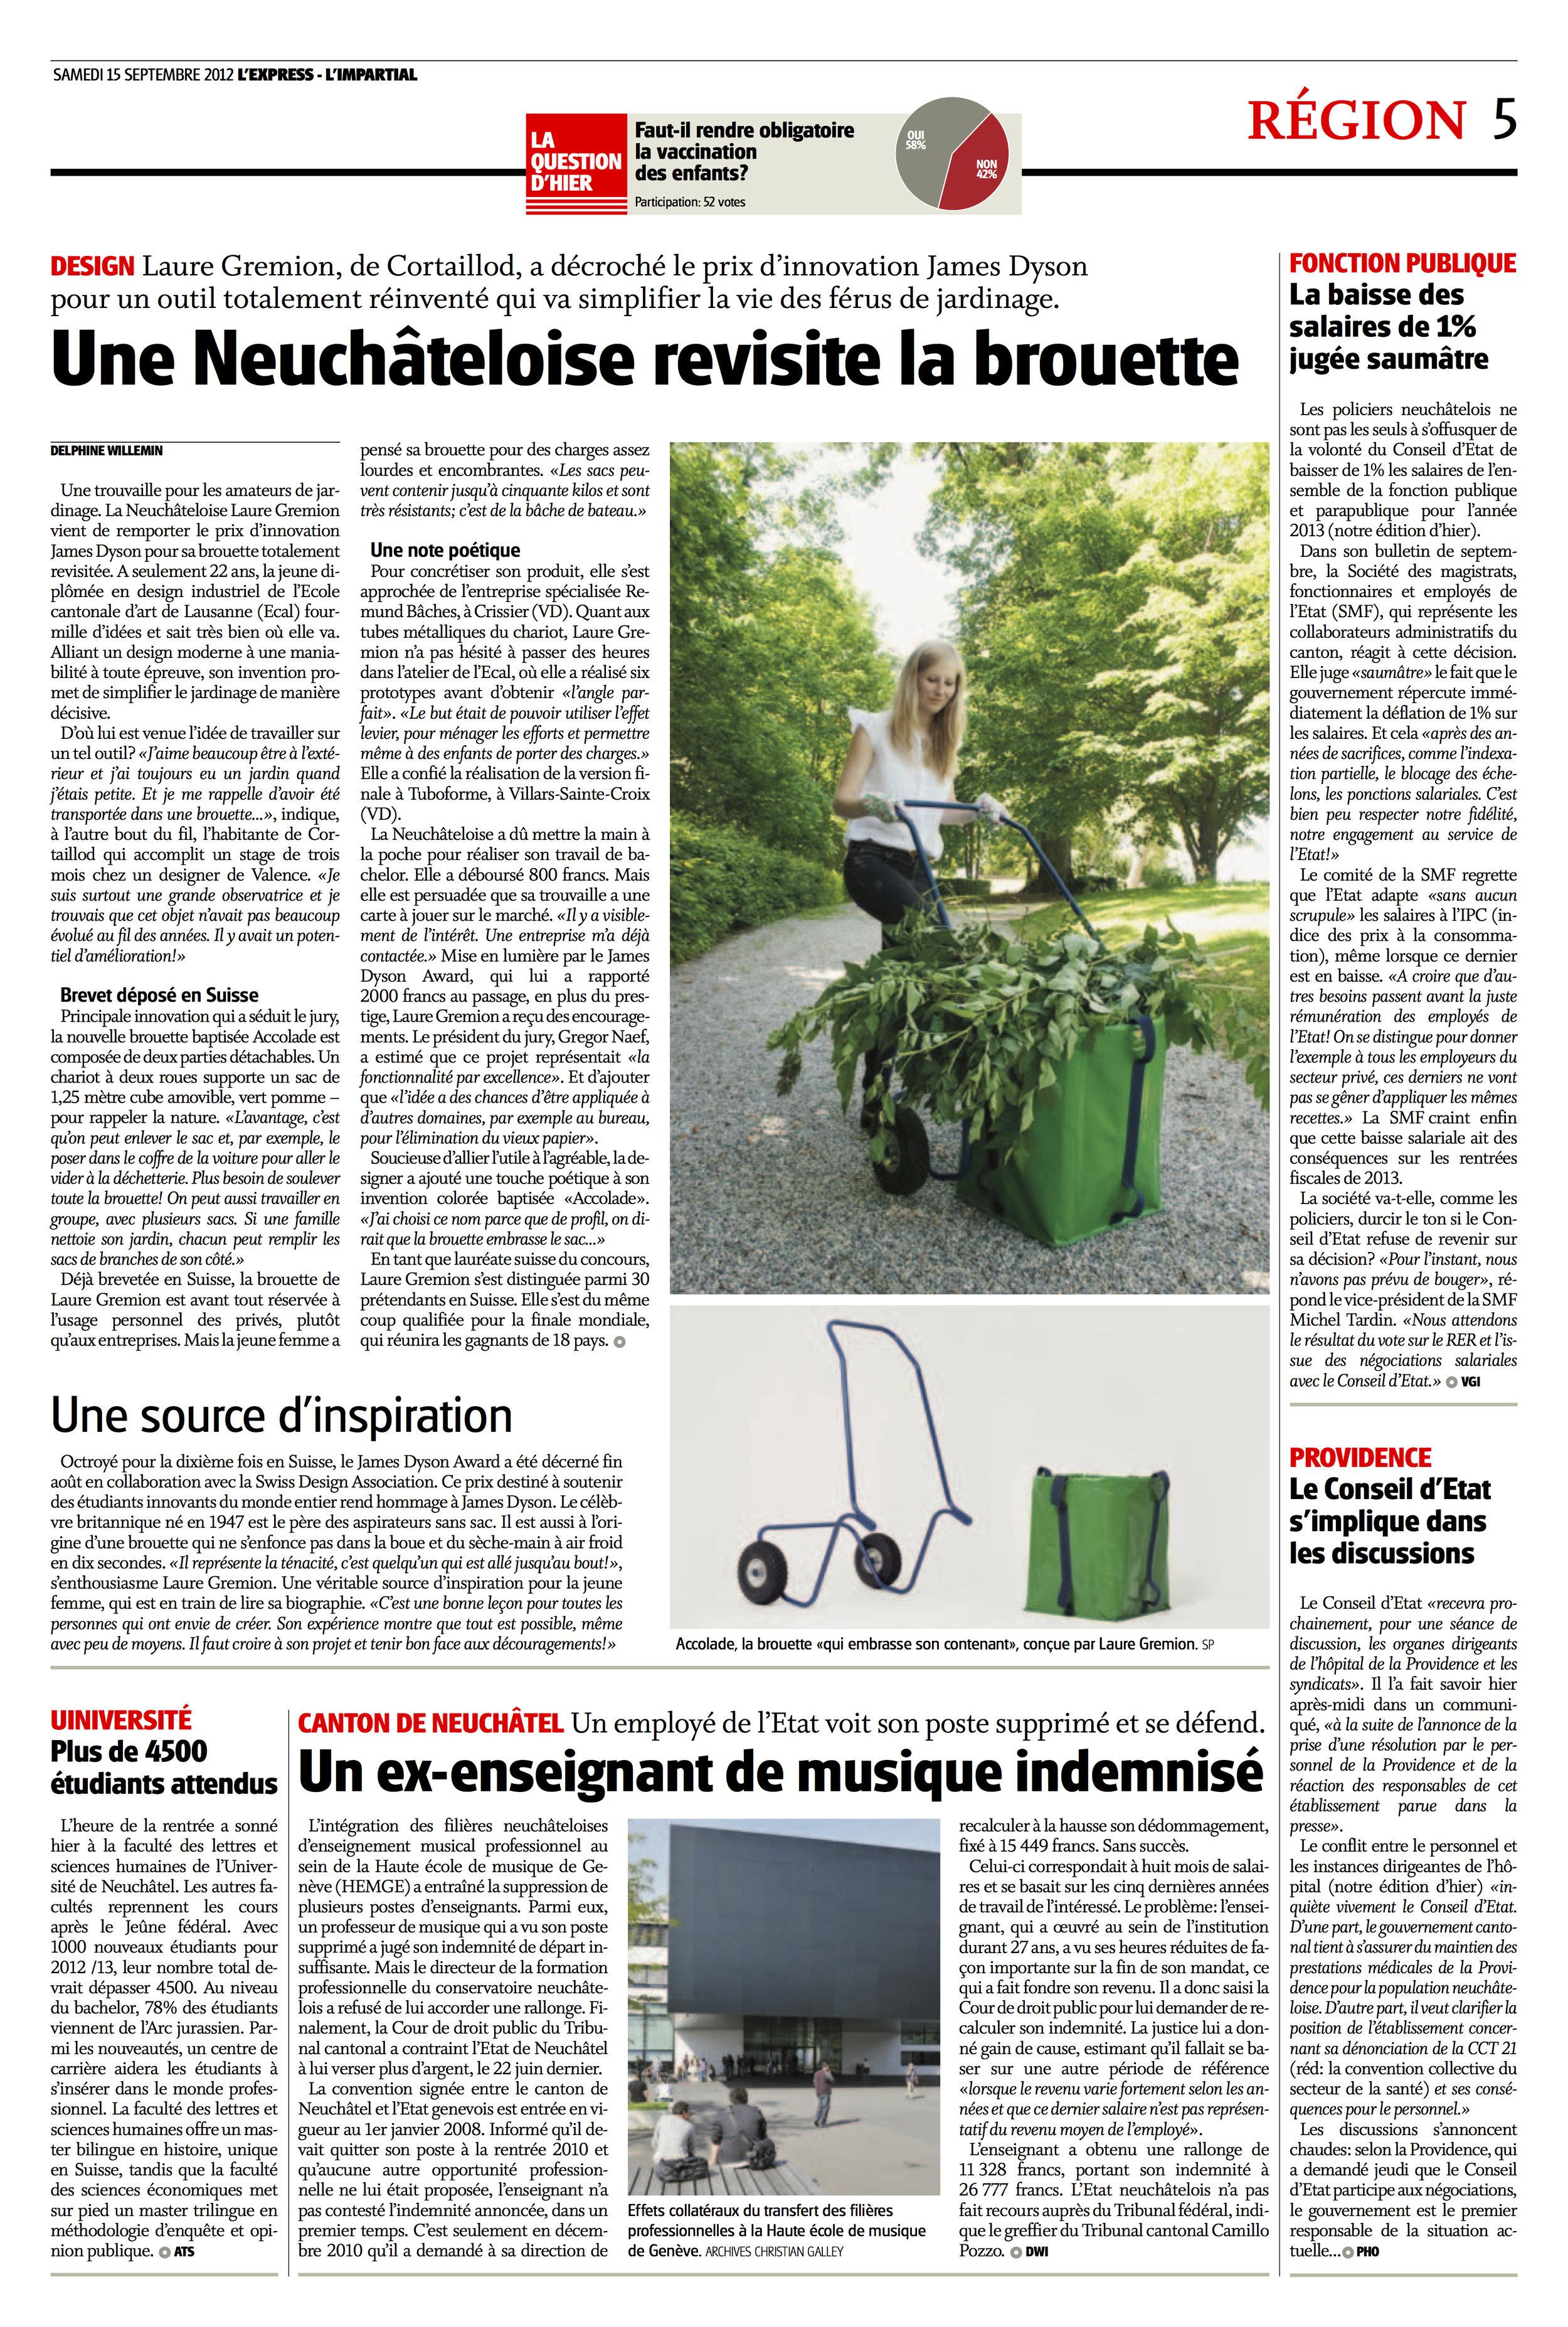 Express 15sept2012.jpg